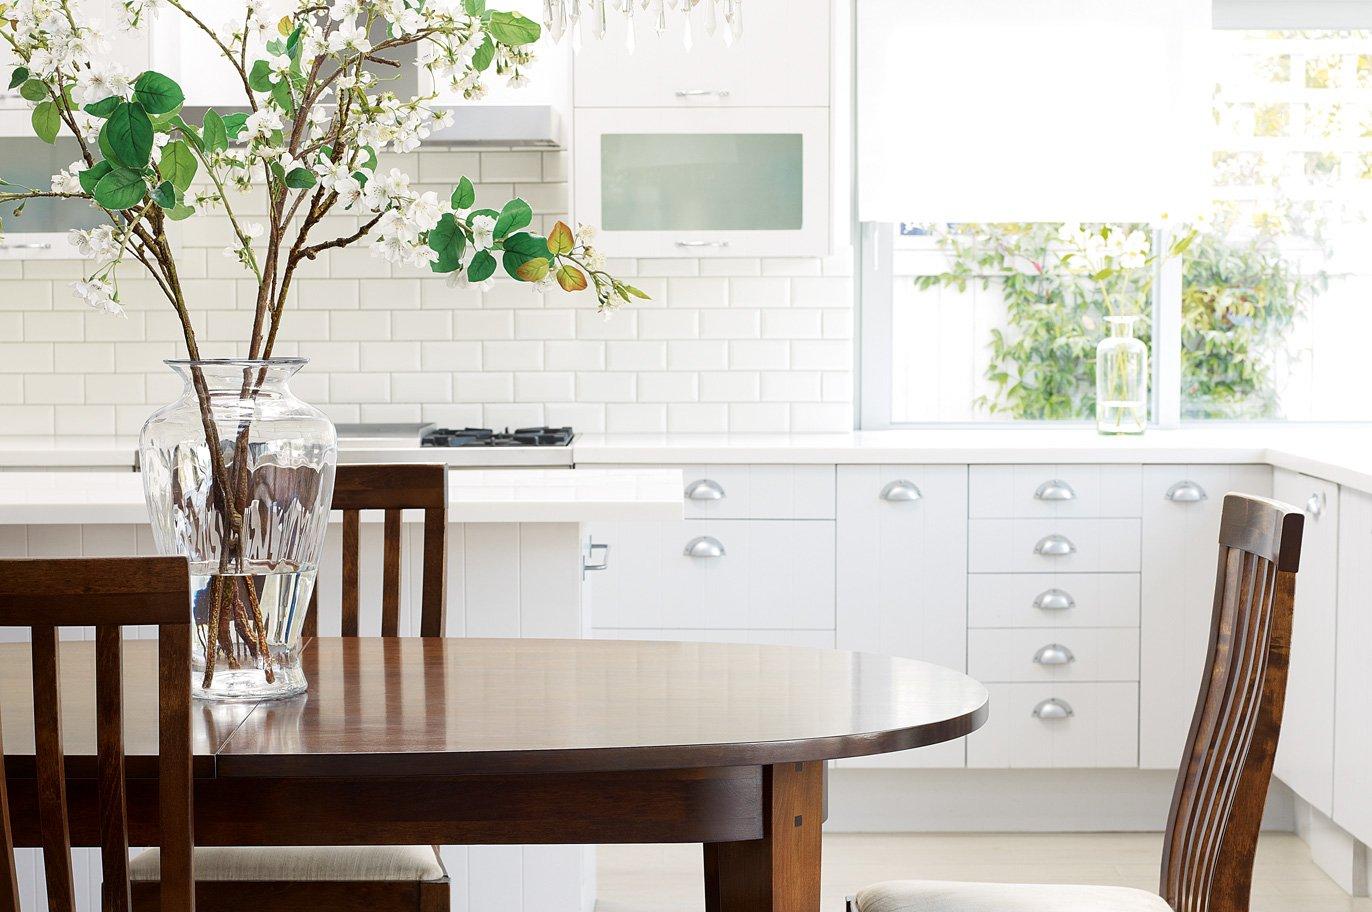 Muebles Para Una Cocina De Estilo Ingl S Decoraci N Del Hogar  # Muebles En Ingles